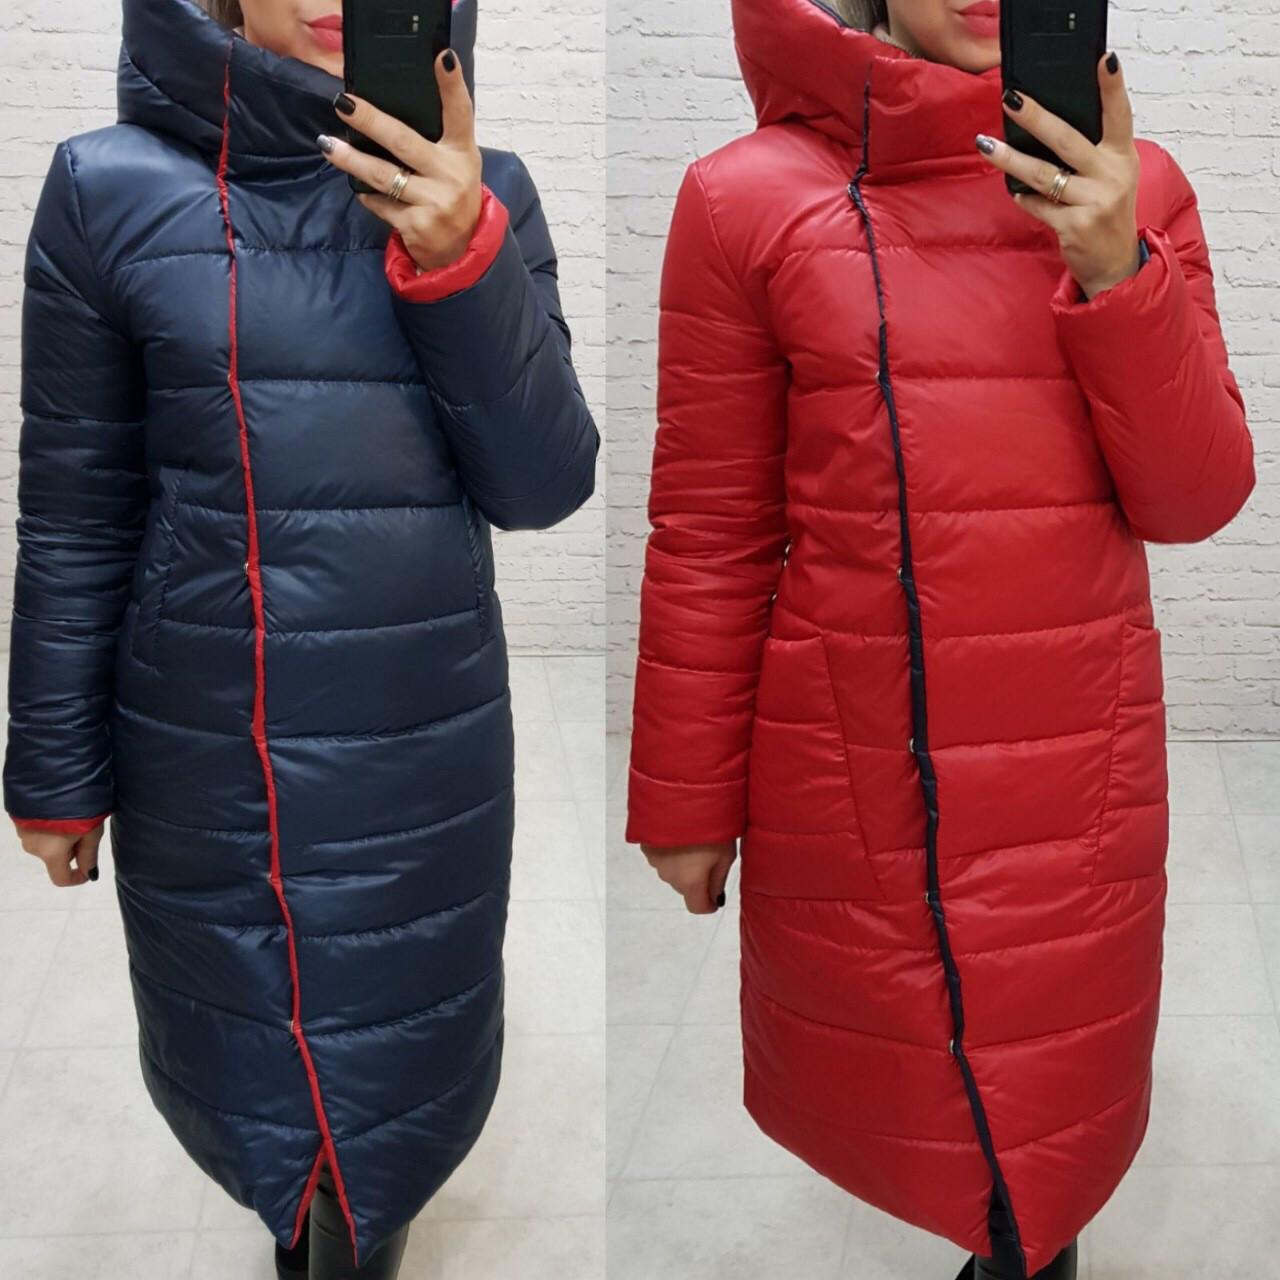 Куртка женская двусторонняя, арт. 1007, т.синий/красный